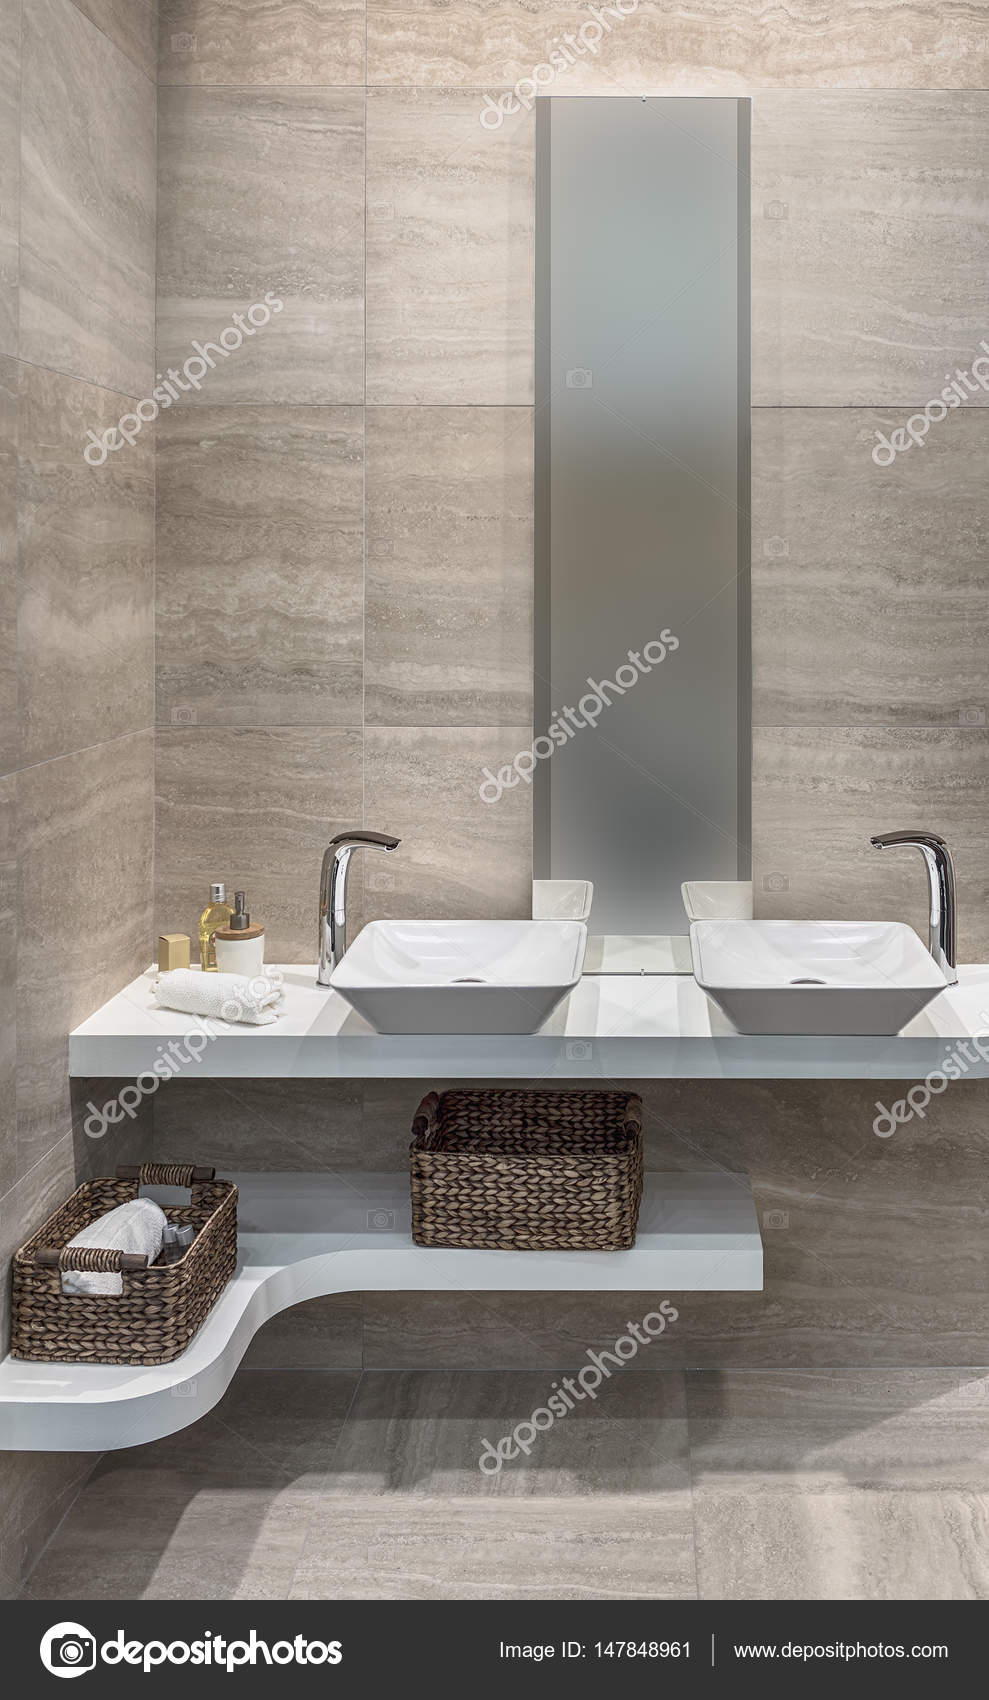 Piastrelle di ceramica sul pavimento e sulle pareti del bagno due lavandini un grande specchio - Due lavandini bagno ...